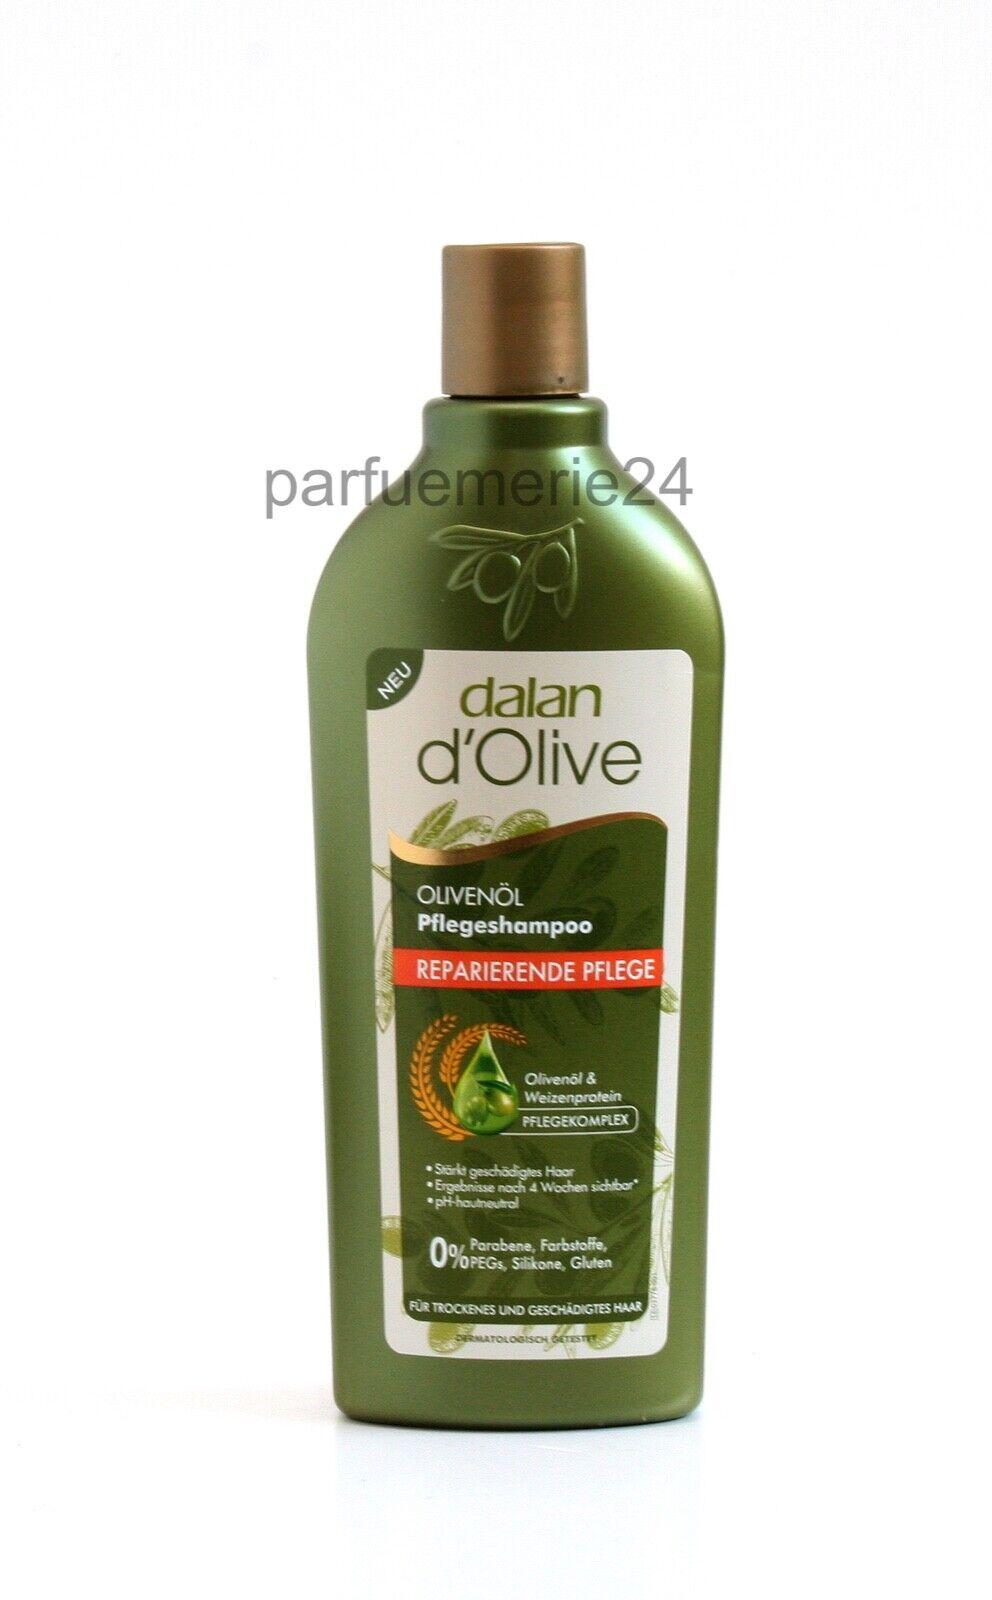 dalan d'Olive Olivenöl Pflege Shampoo Reparierende Pflege 400 ml